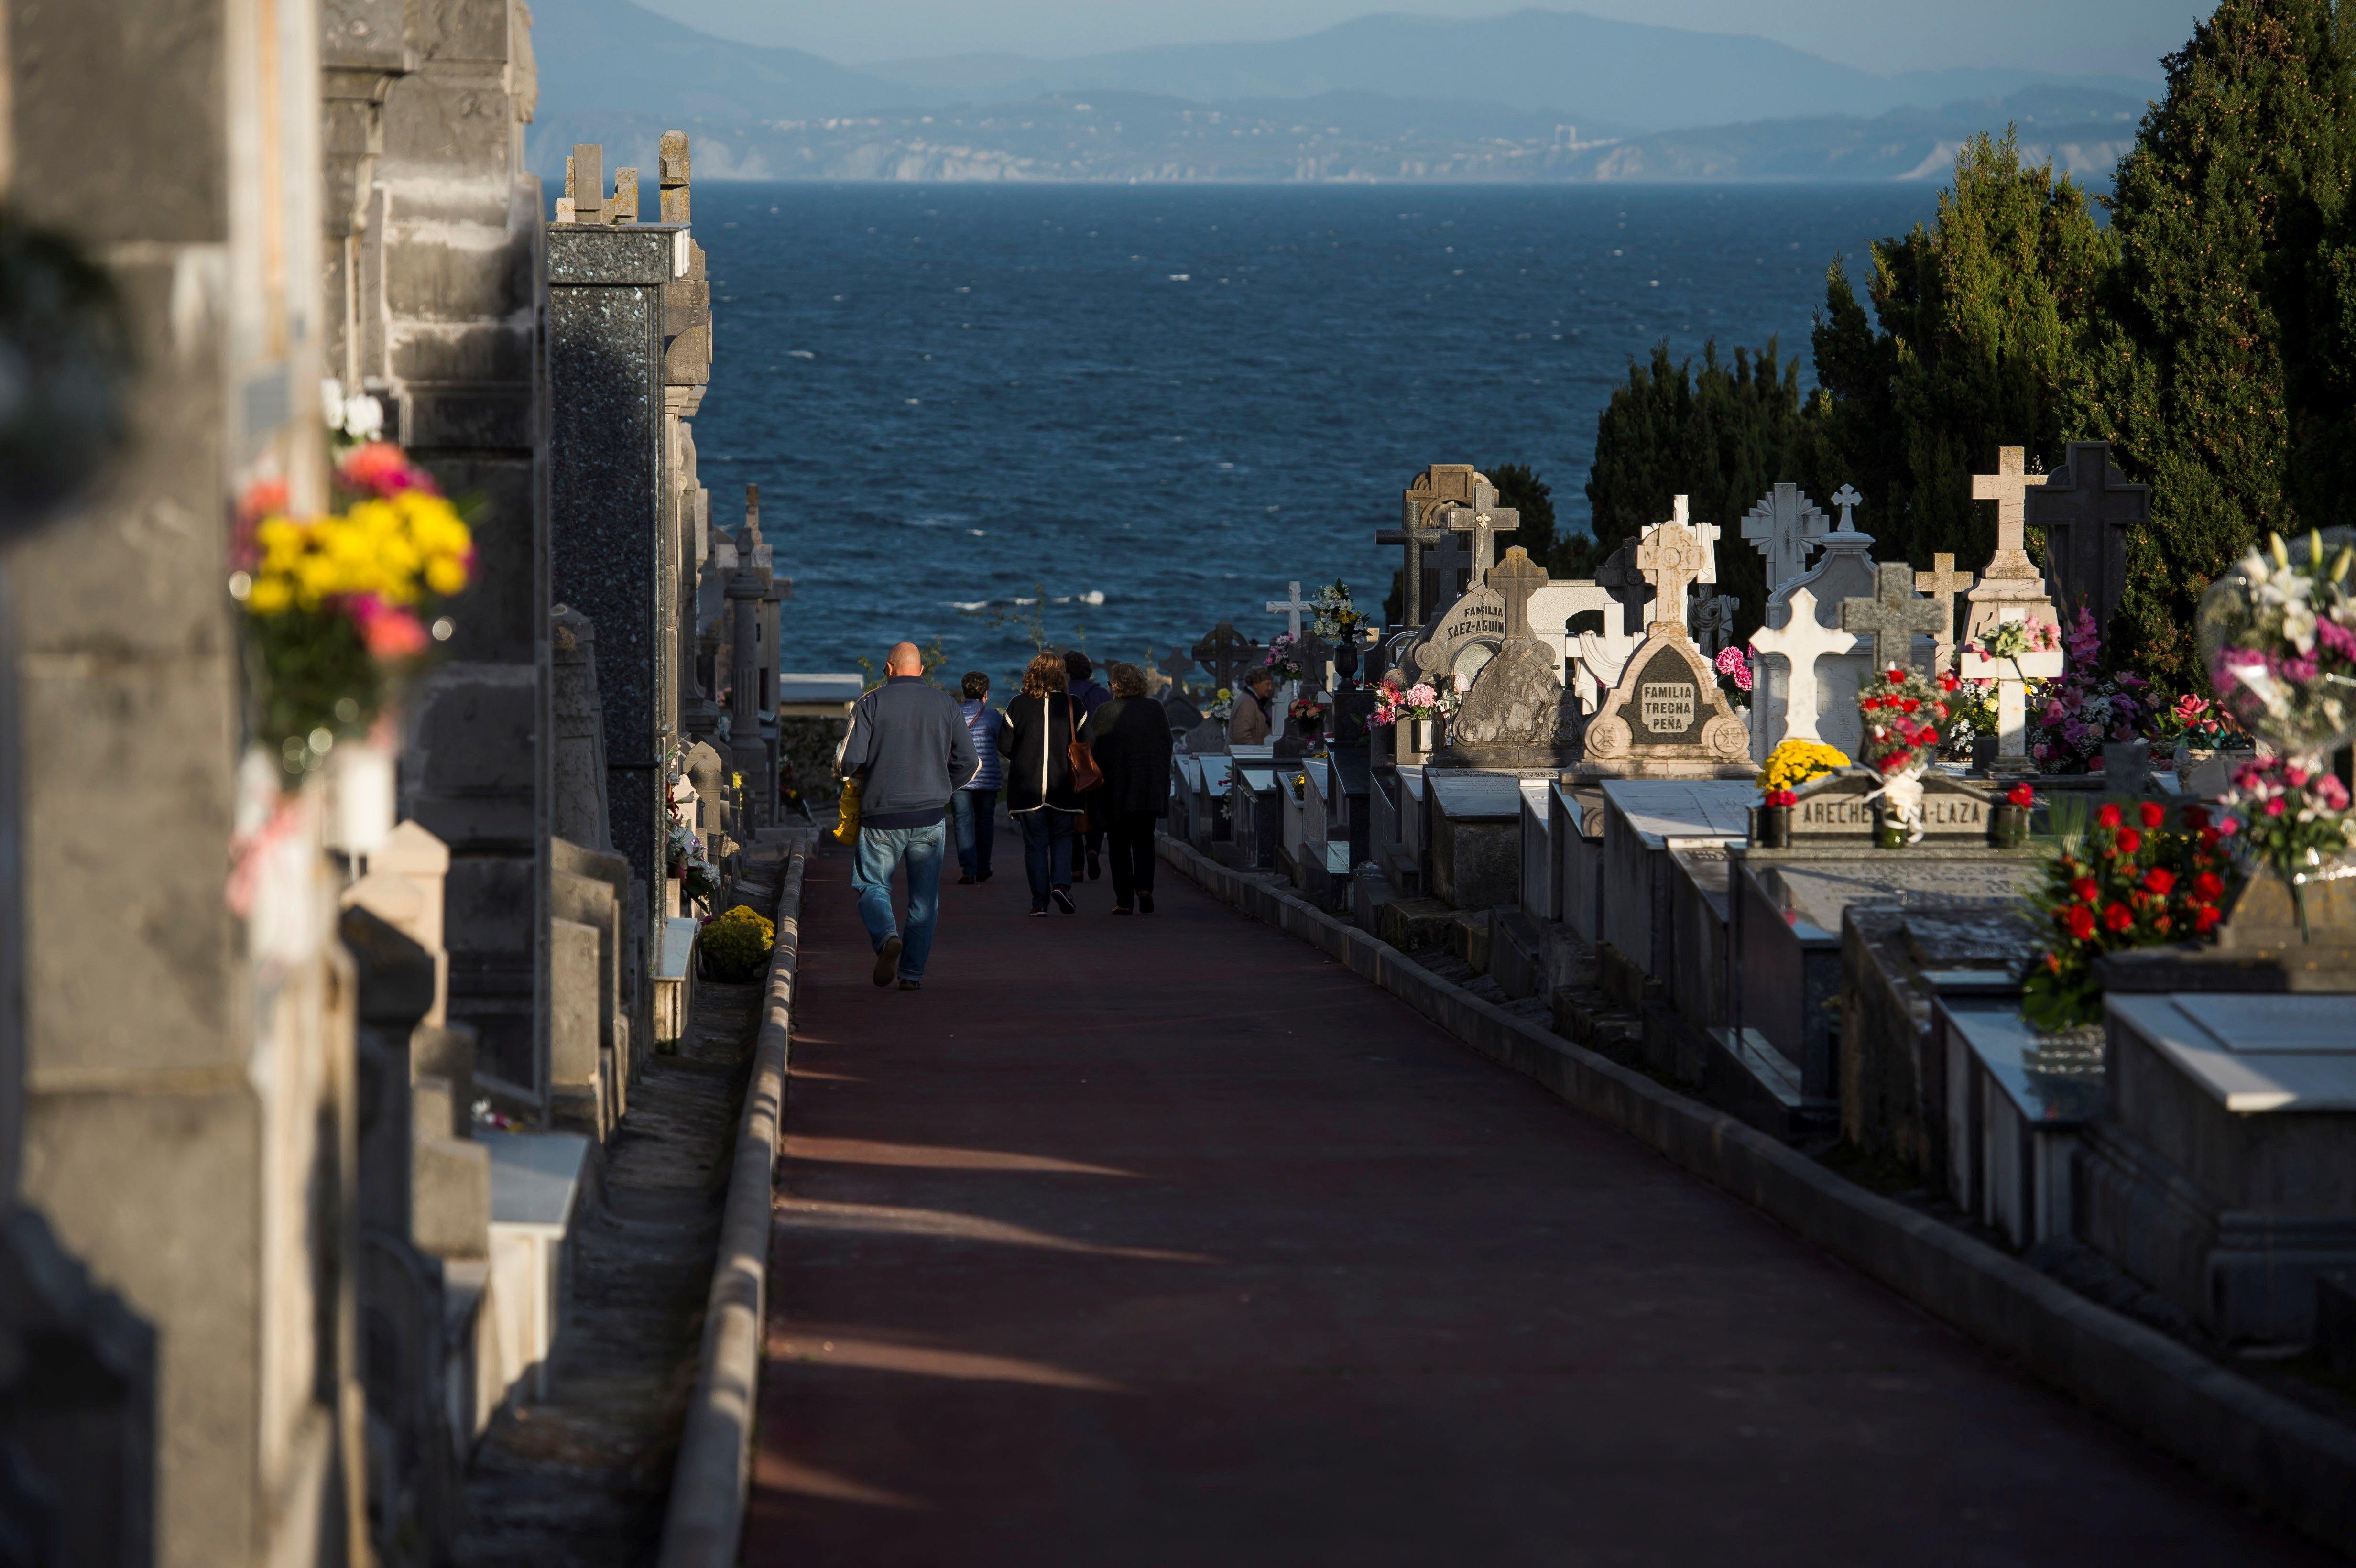 Diverses tombes i panteons en el cementiri de Ballena a Castro Urdiales (Cantàbria). /PEDRO PUENTE OYOS